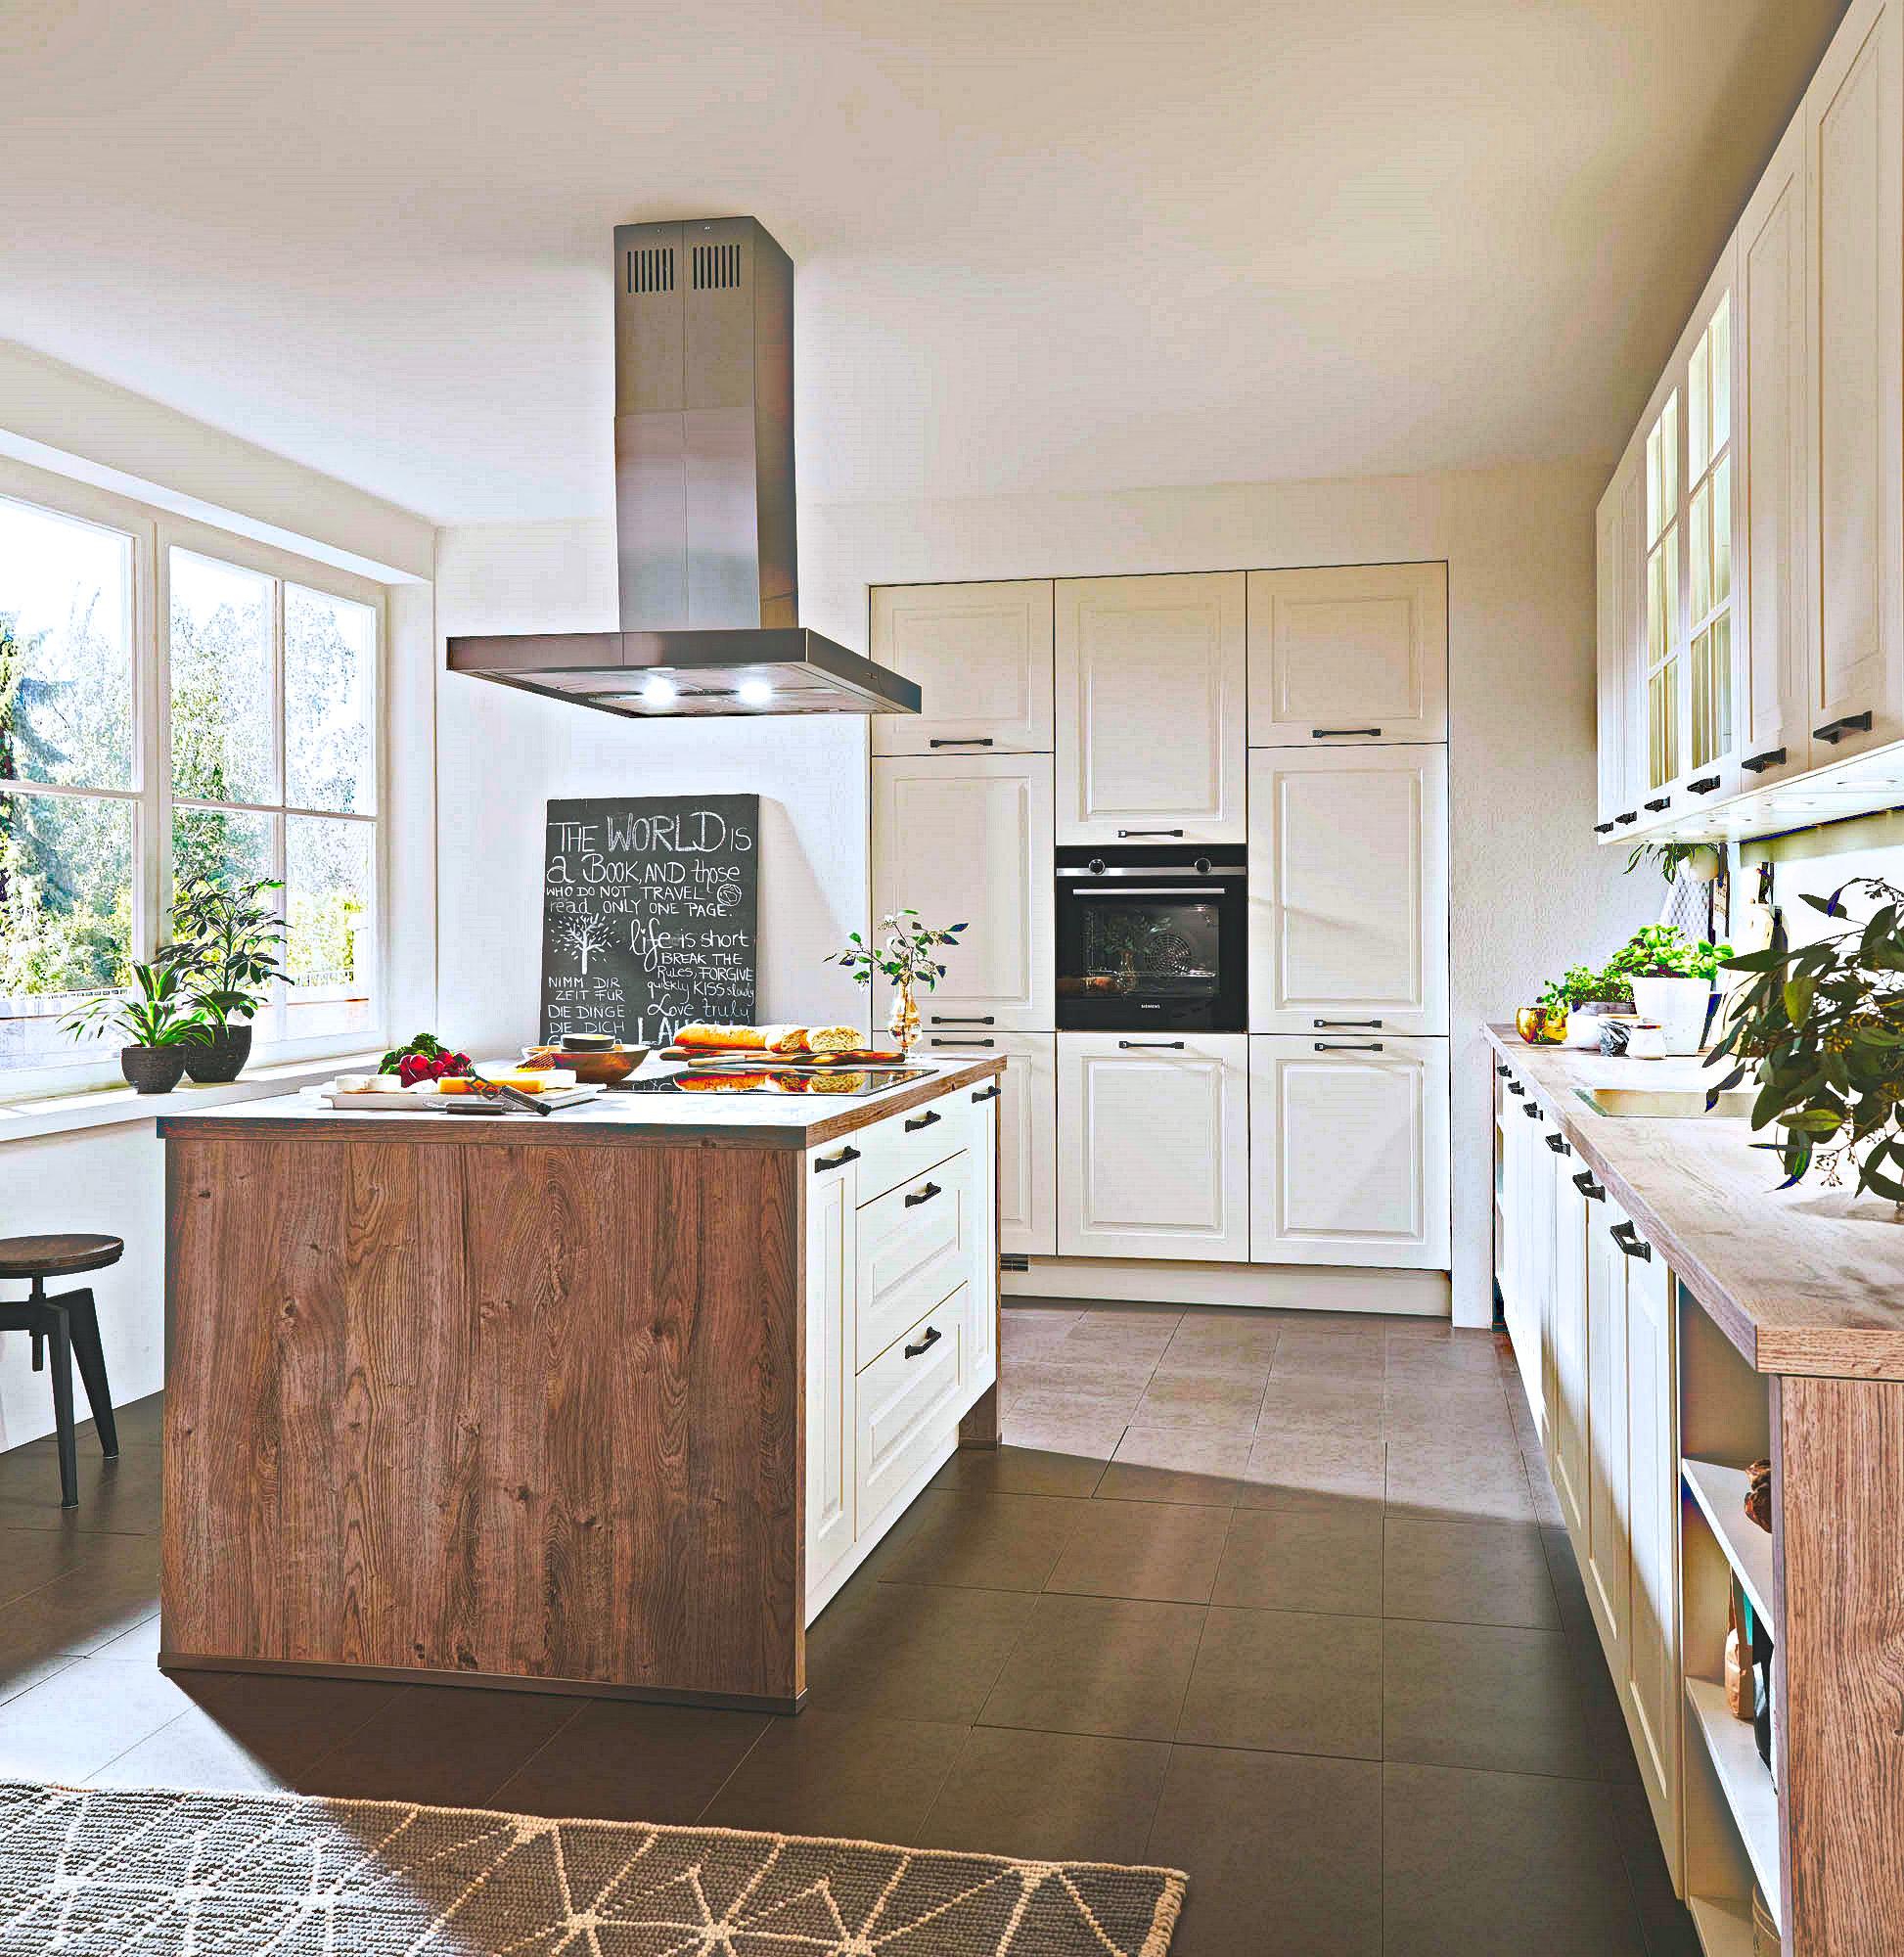 Full Size of Nobilia Küche Billig Neue Küche Billig Kaufen Küche Mit E Geräten Billig Spritzschutz Küche Billig Küche Küche Billig